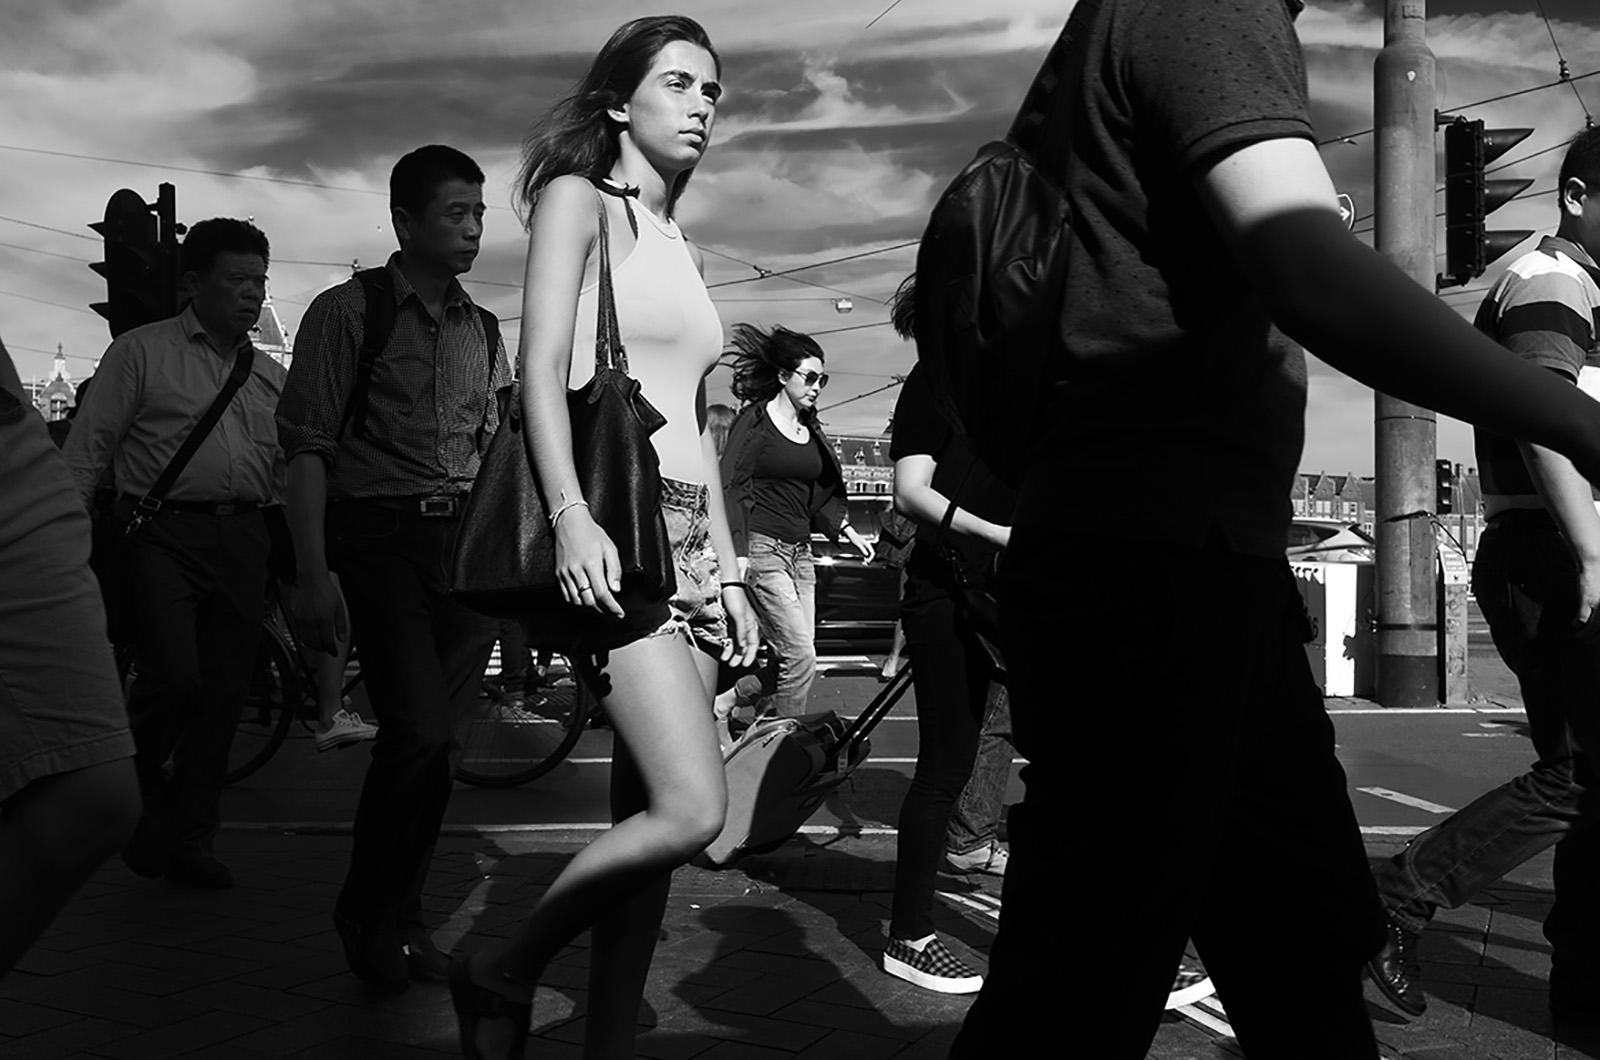 foto: © Friso Kooijman 2017 - meisje tussen mensen op straat lopend